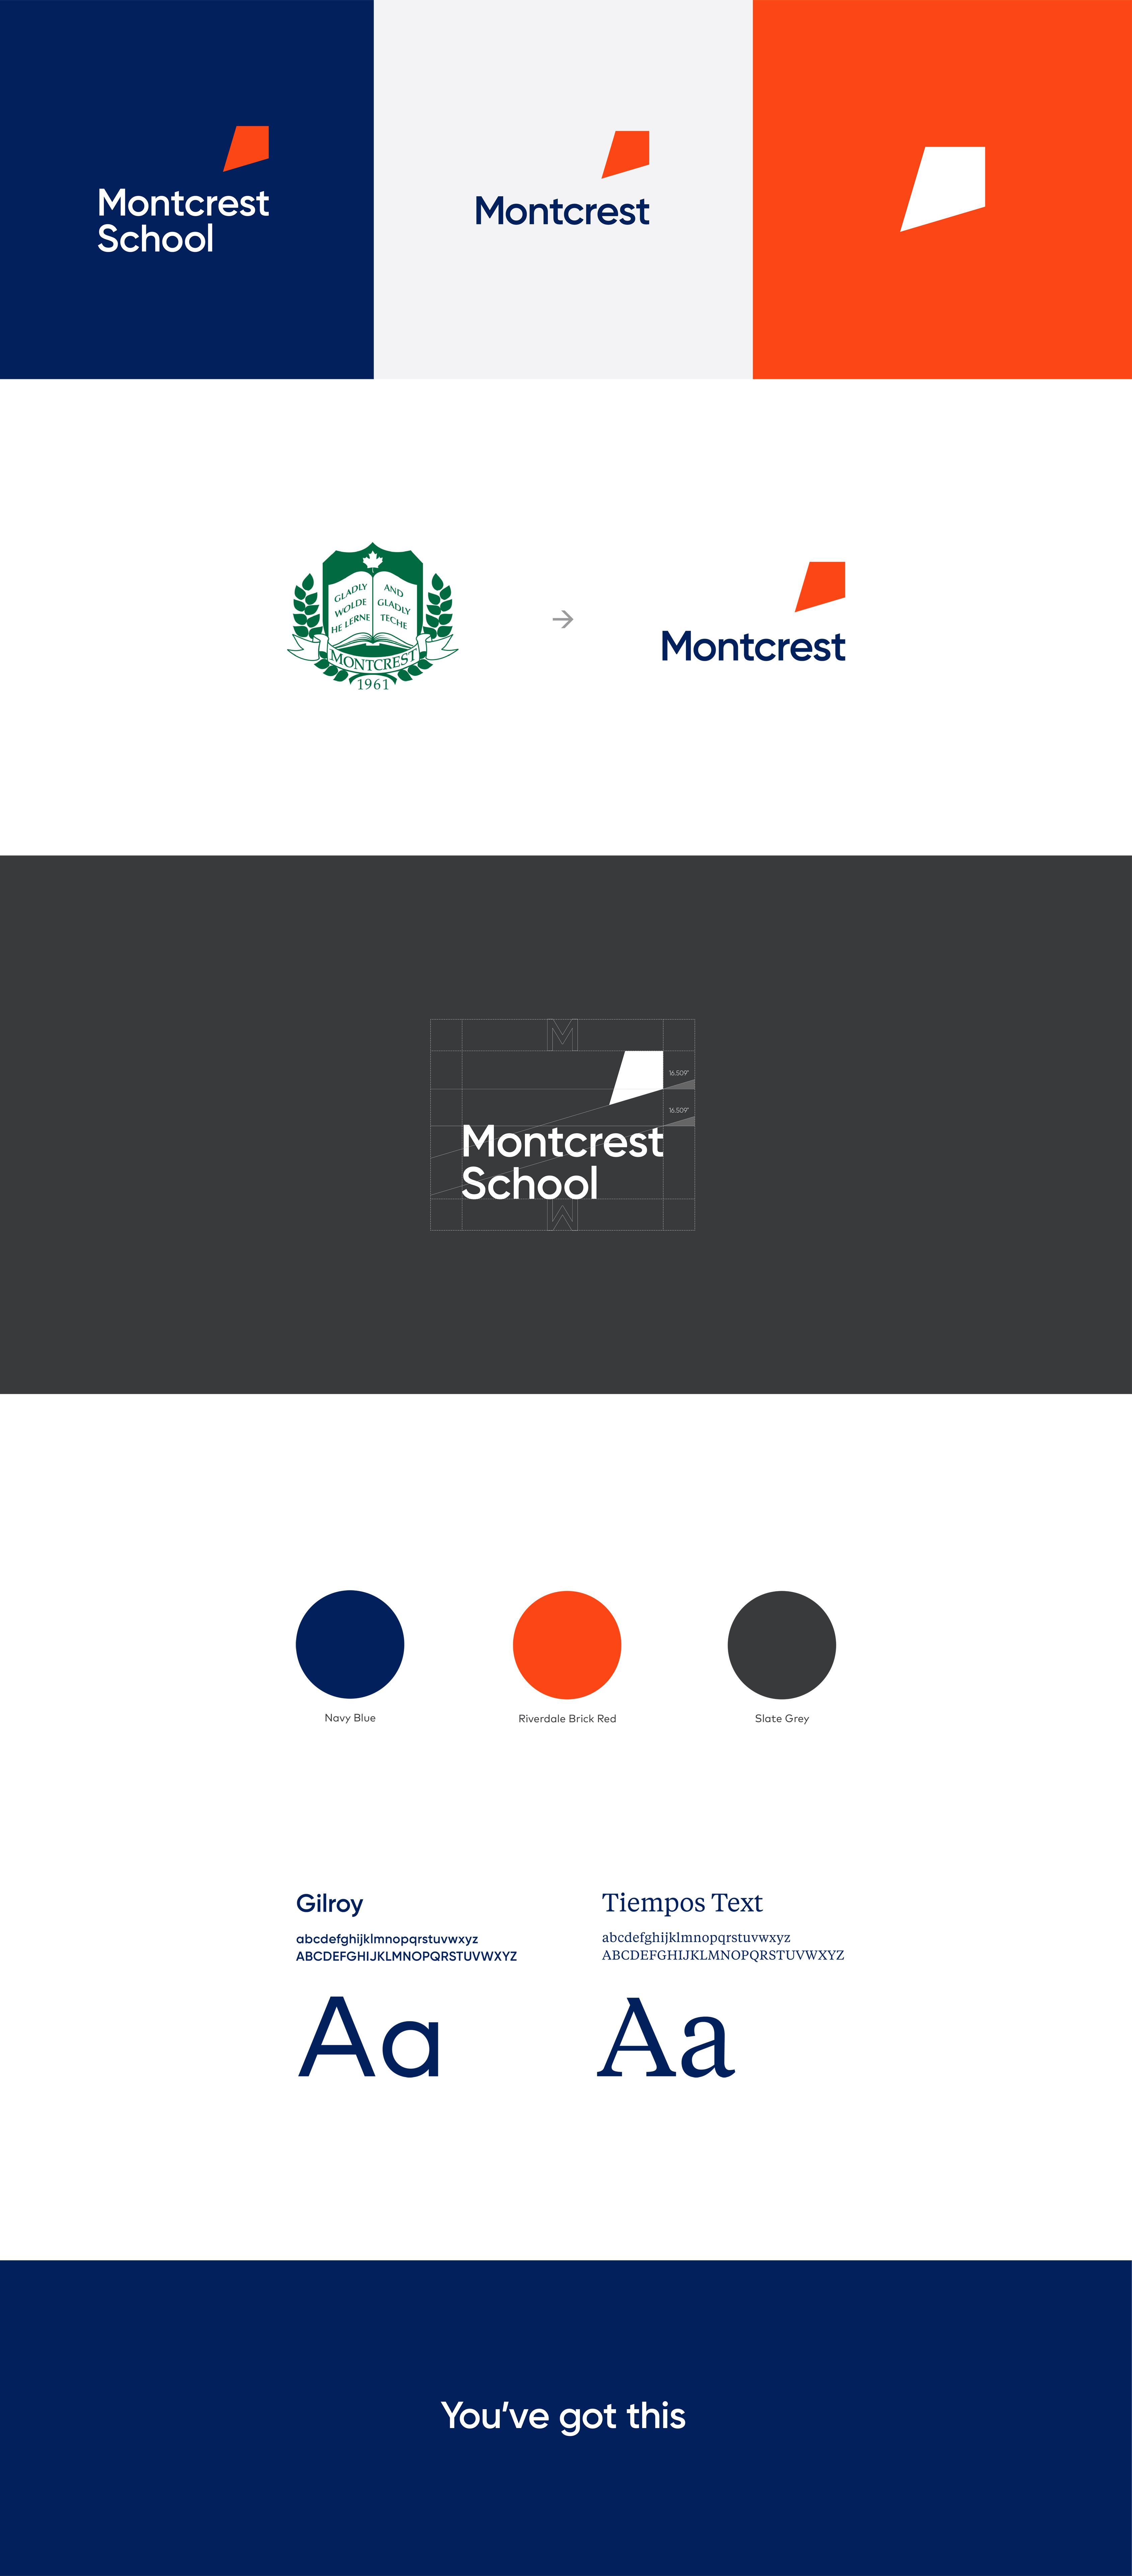 Montcrest_DesignProcess4_3400